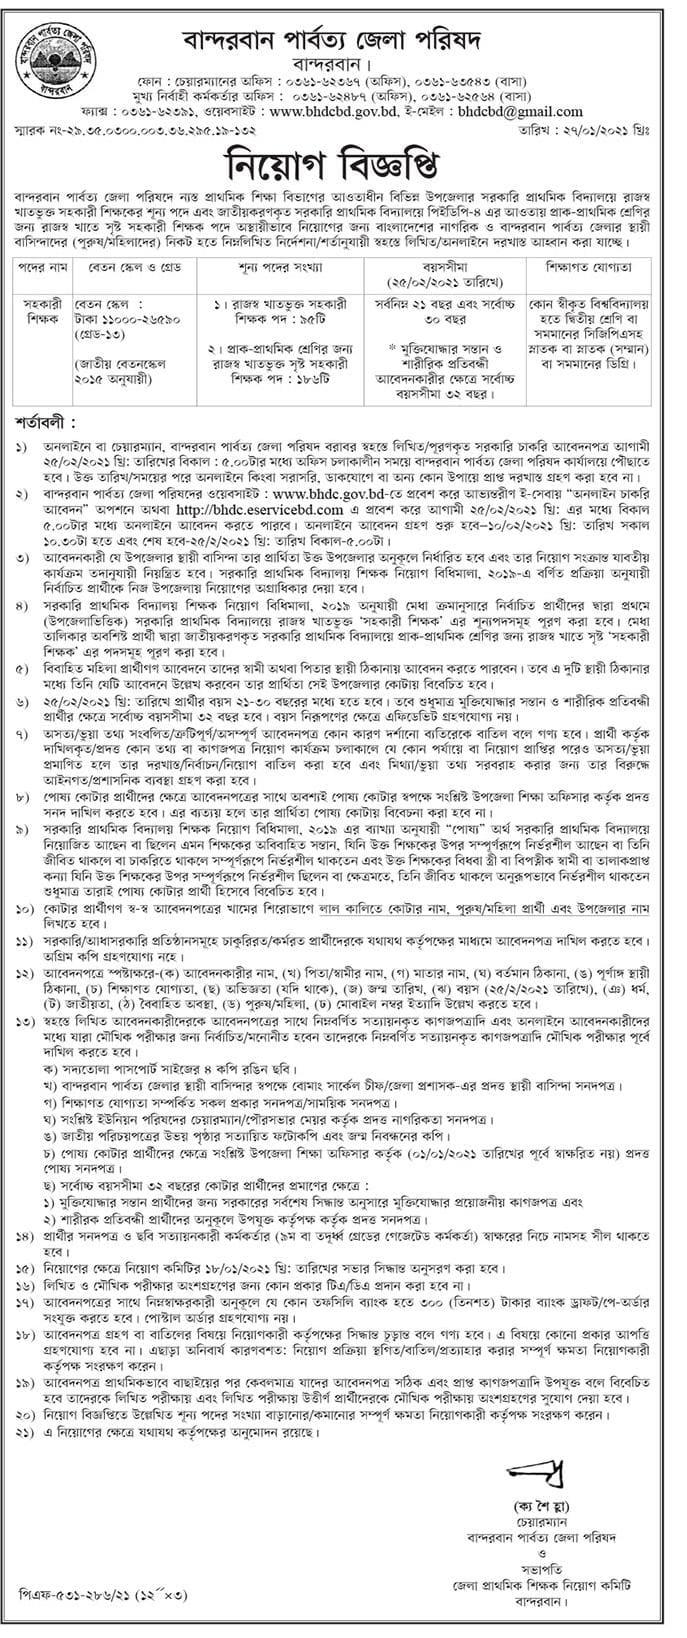 BHDC Job Circular 2021